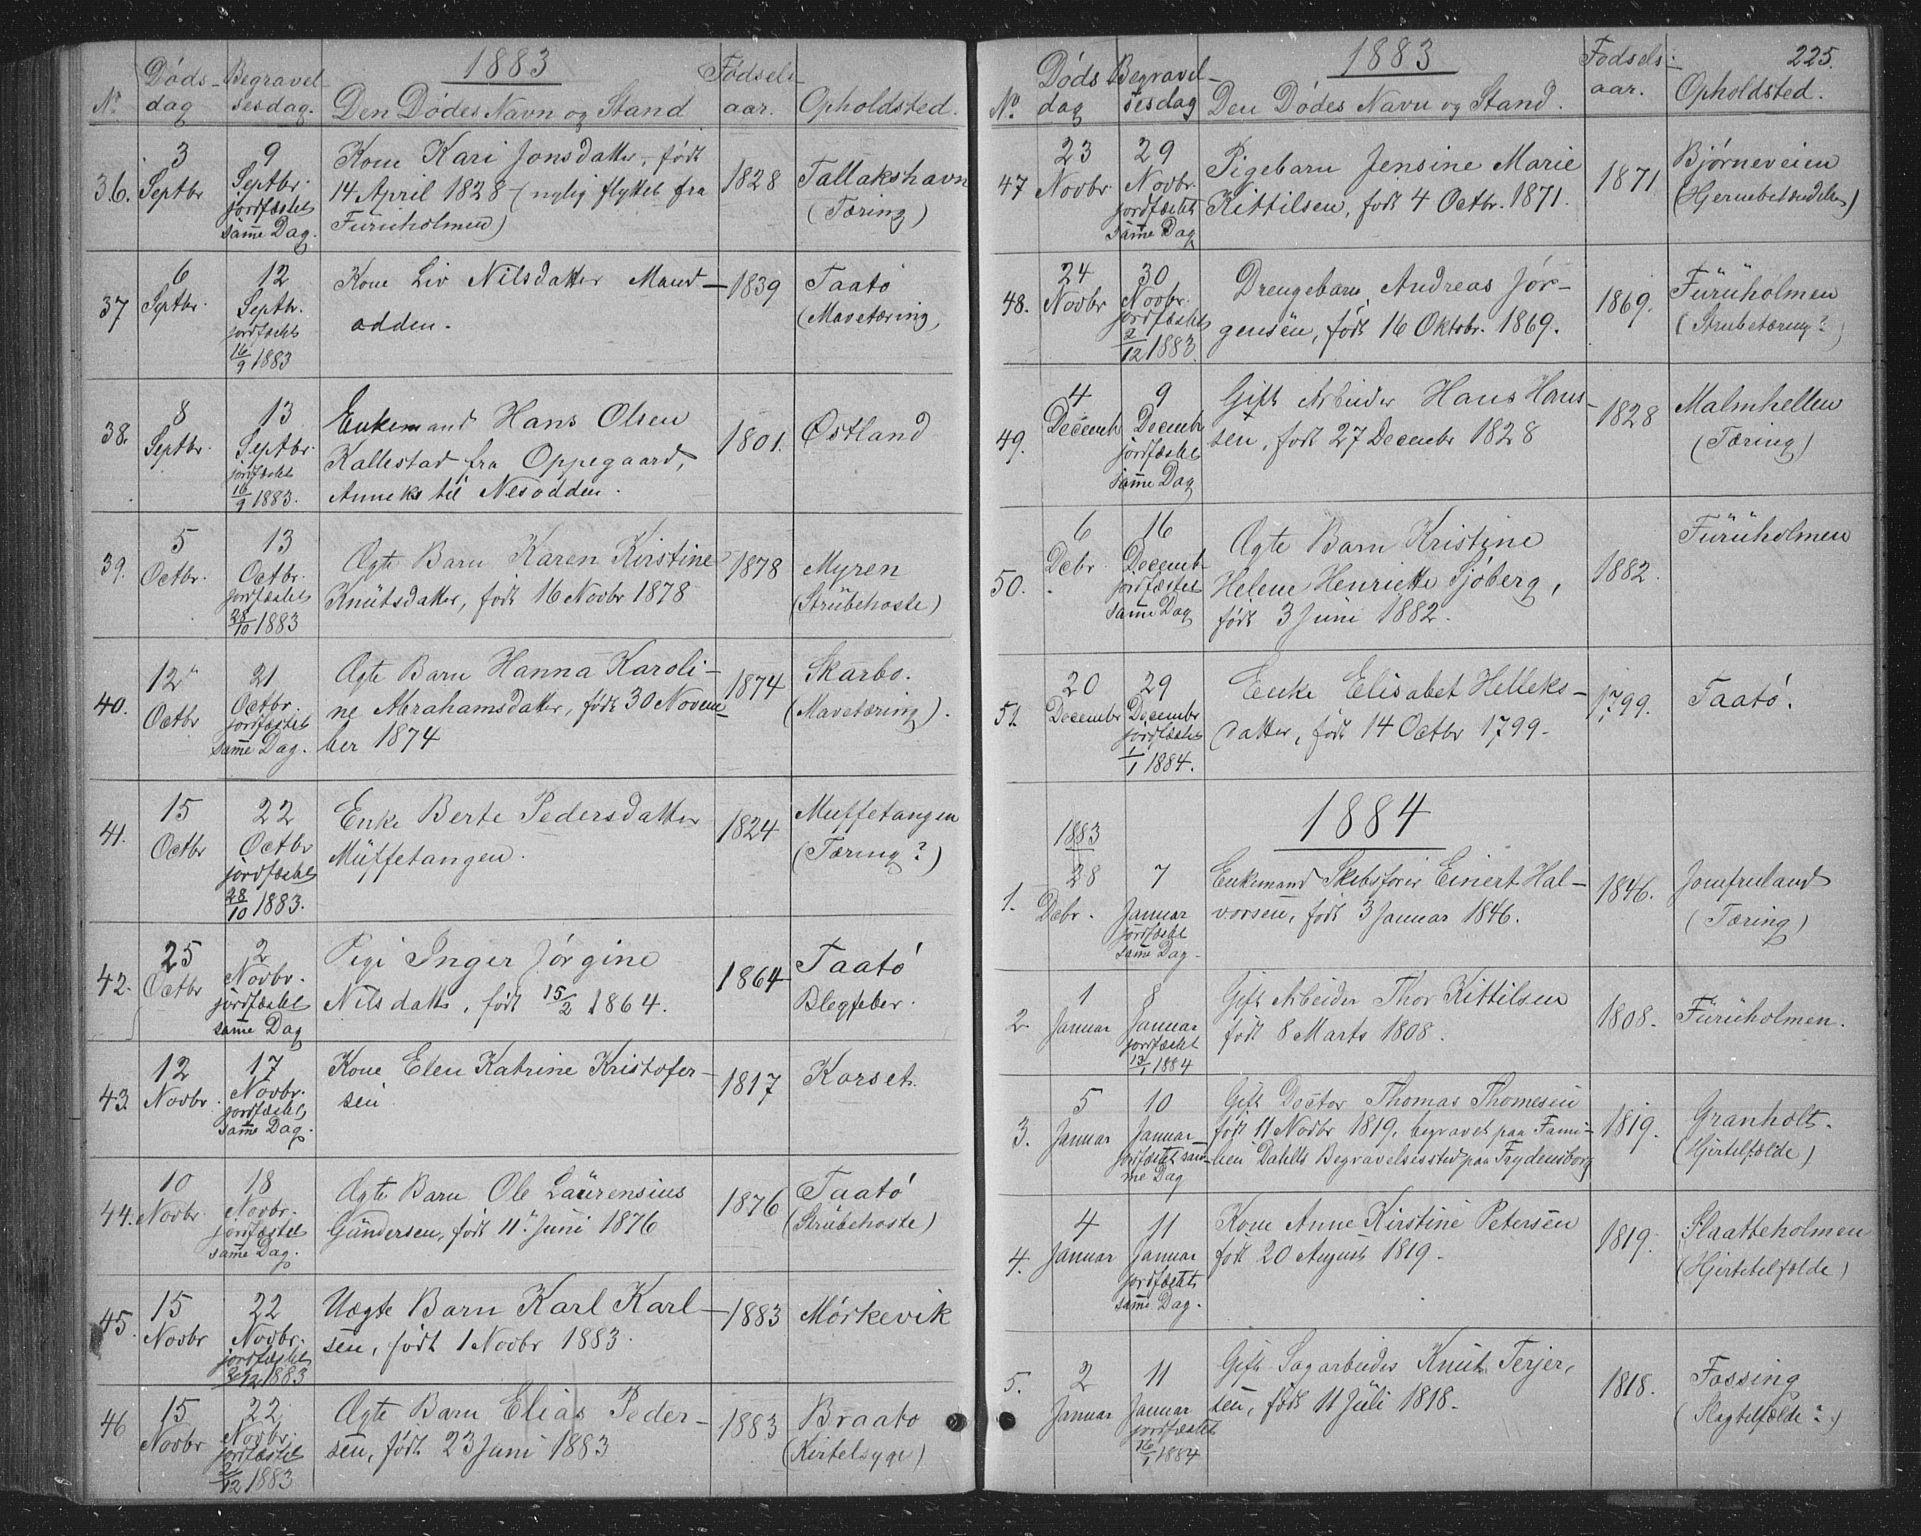 SAKO, Skåtøy kirkebøker, G/Ga/L0002: Klokkerbok nr. I 2, 1872-1884, s. 225